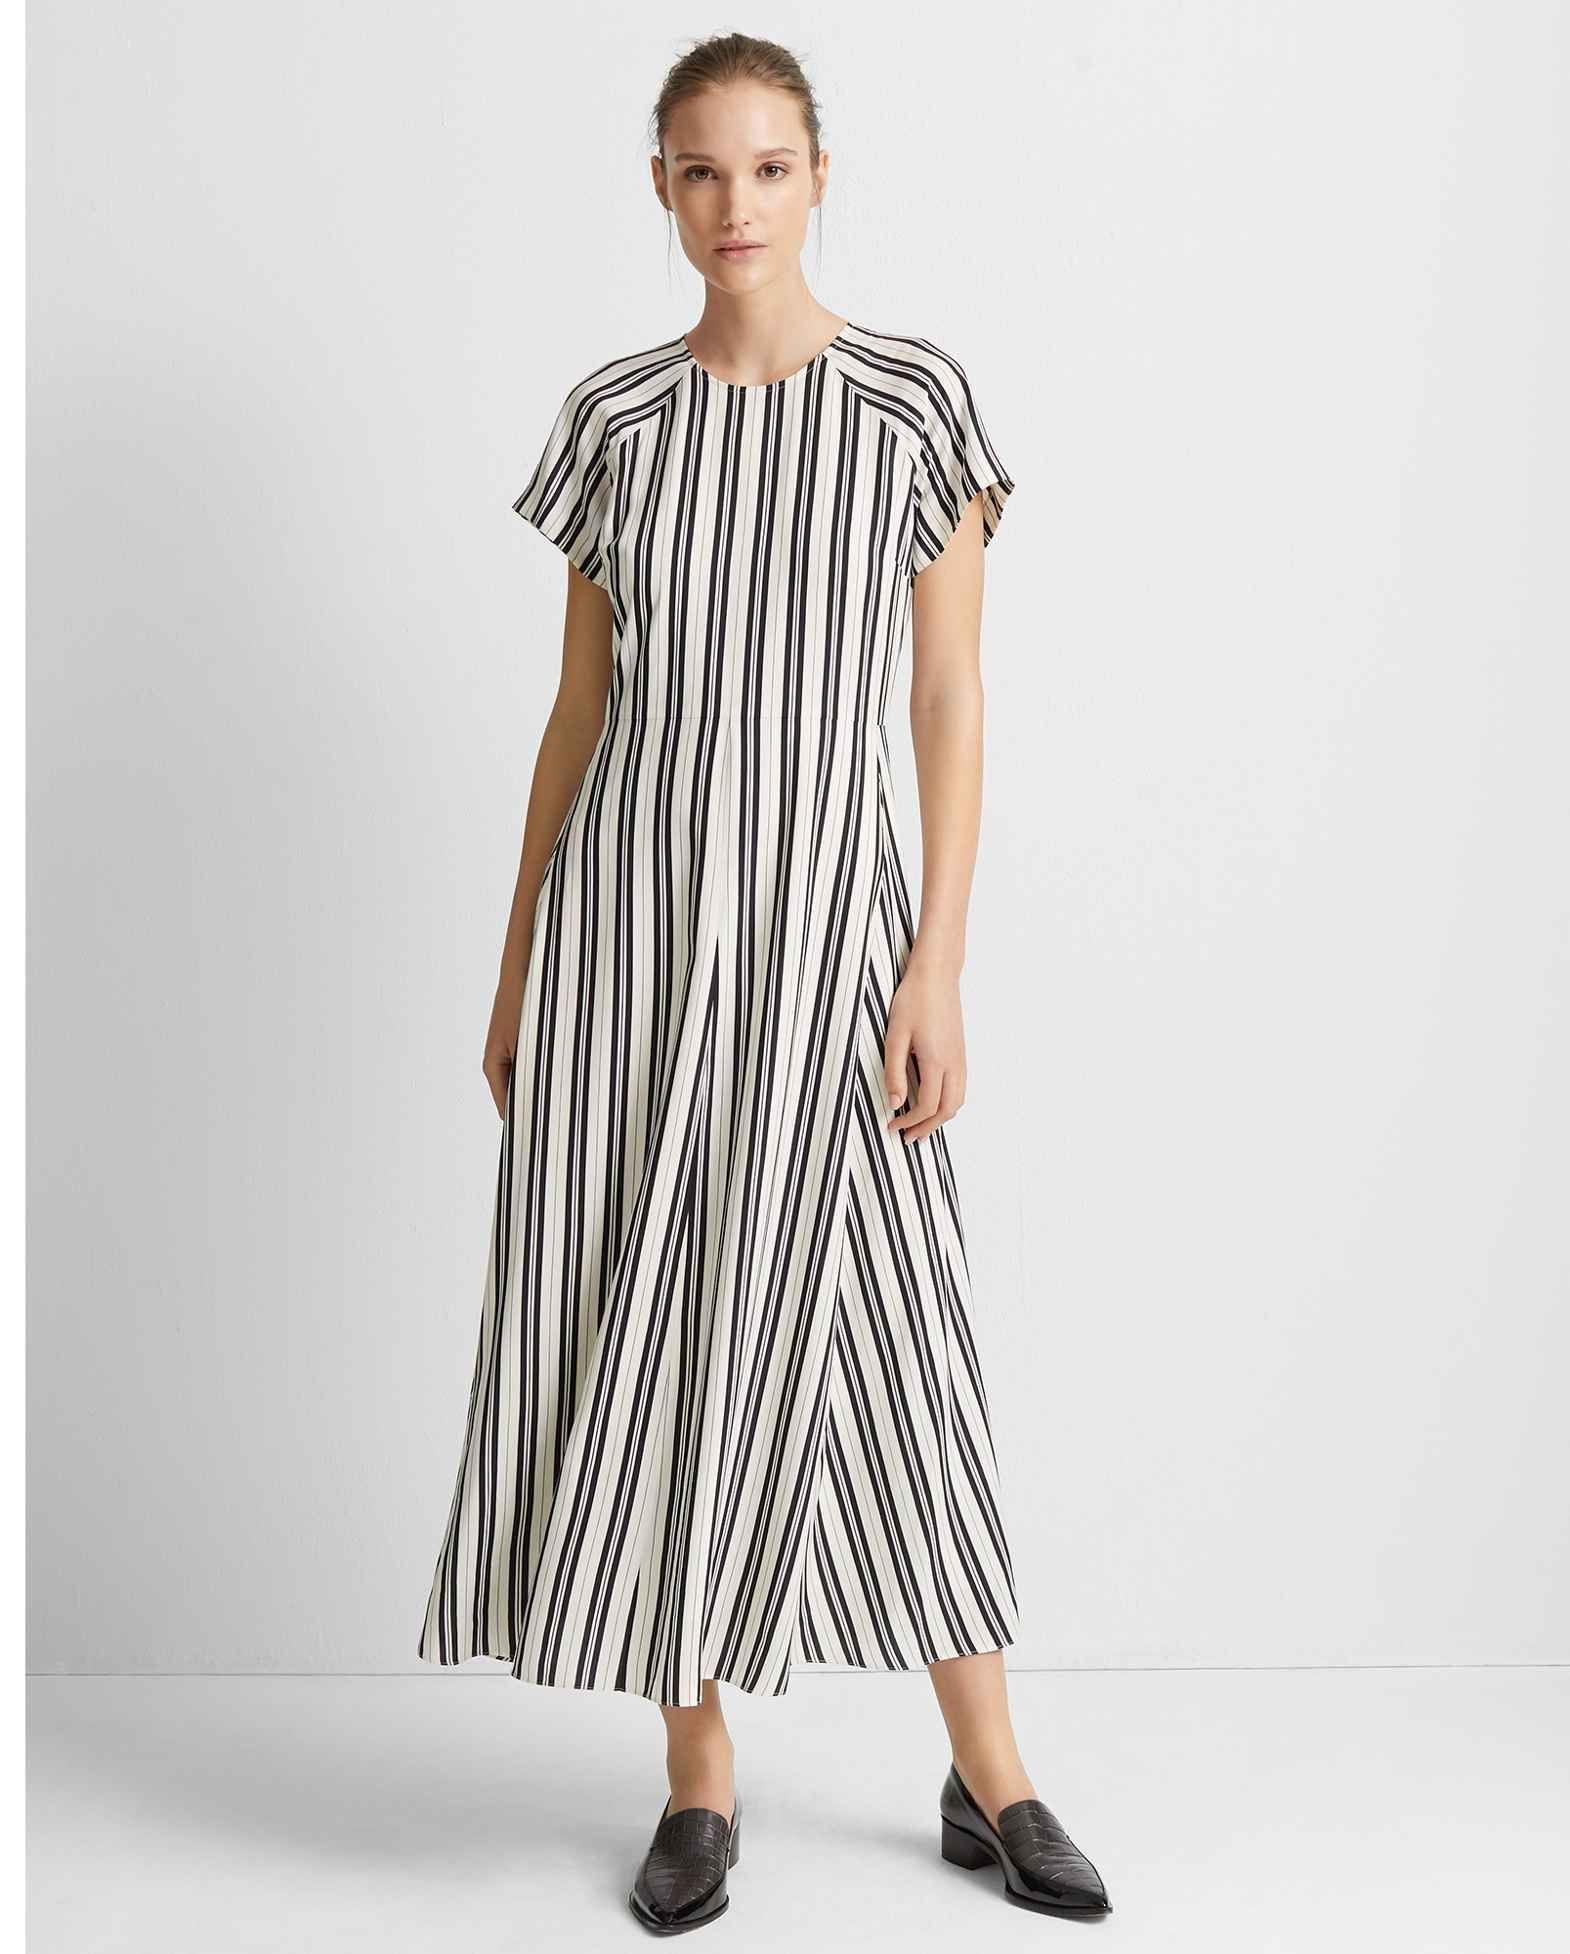 Striped Midi Dress Striped Midi Dress Short Sleeve Dresses Fashion [ 1954 x 1570 Pixel ]